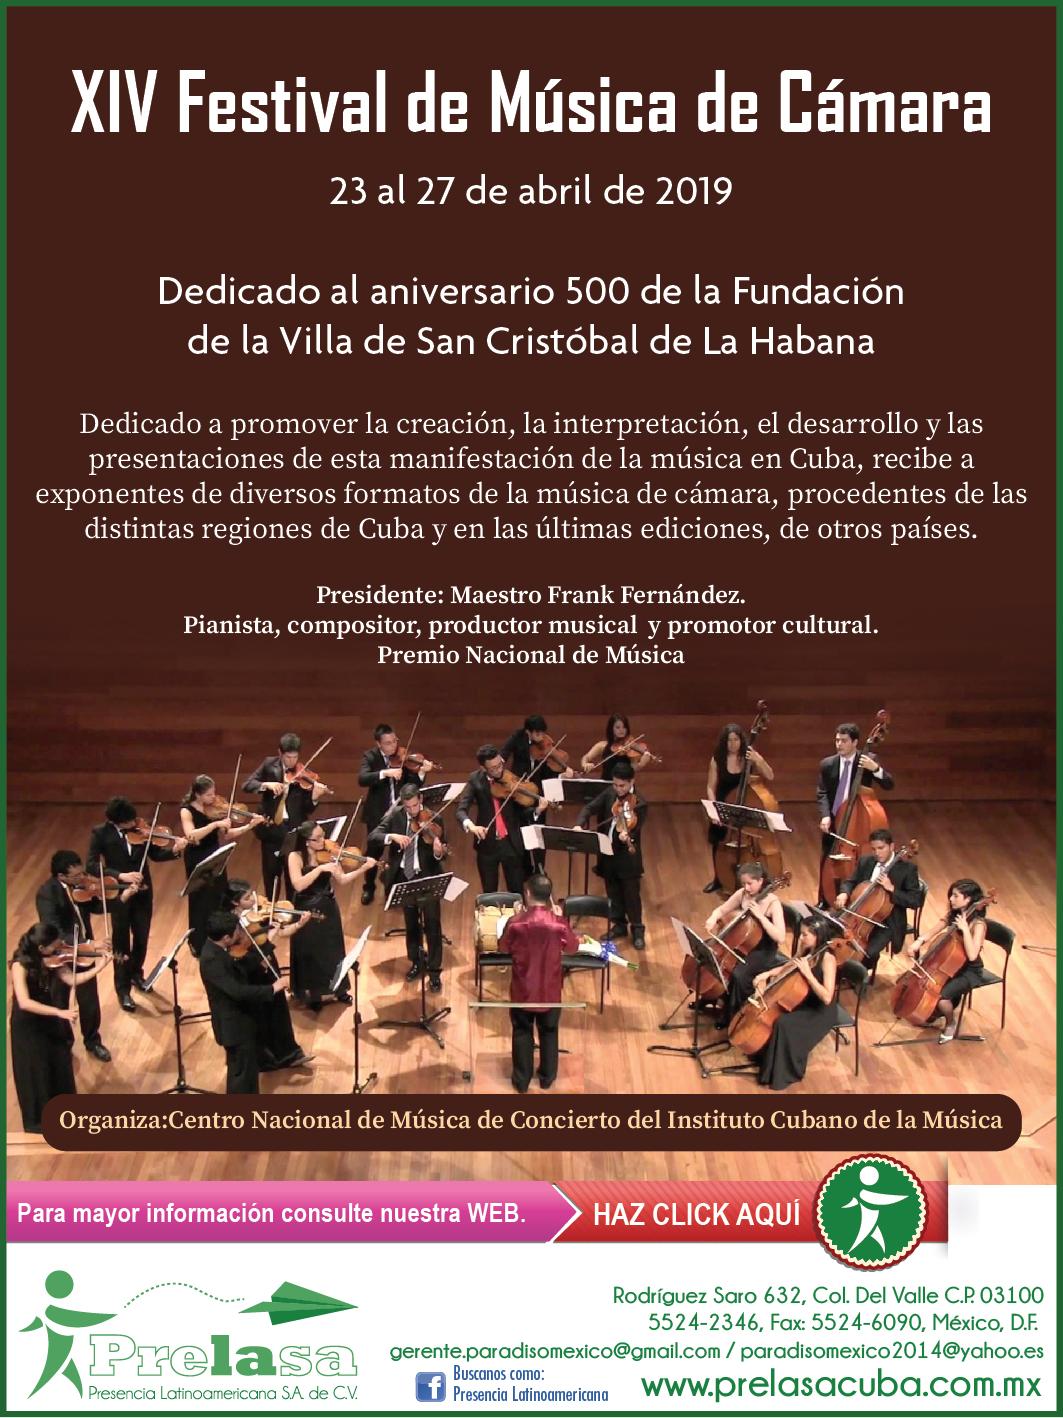 00eXIV-Festival-de-Msica-d